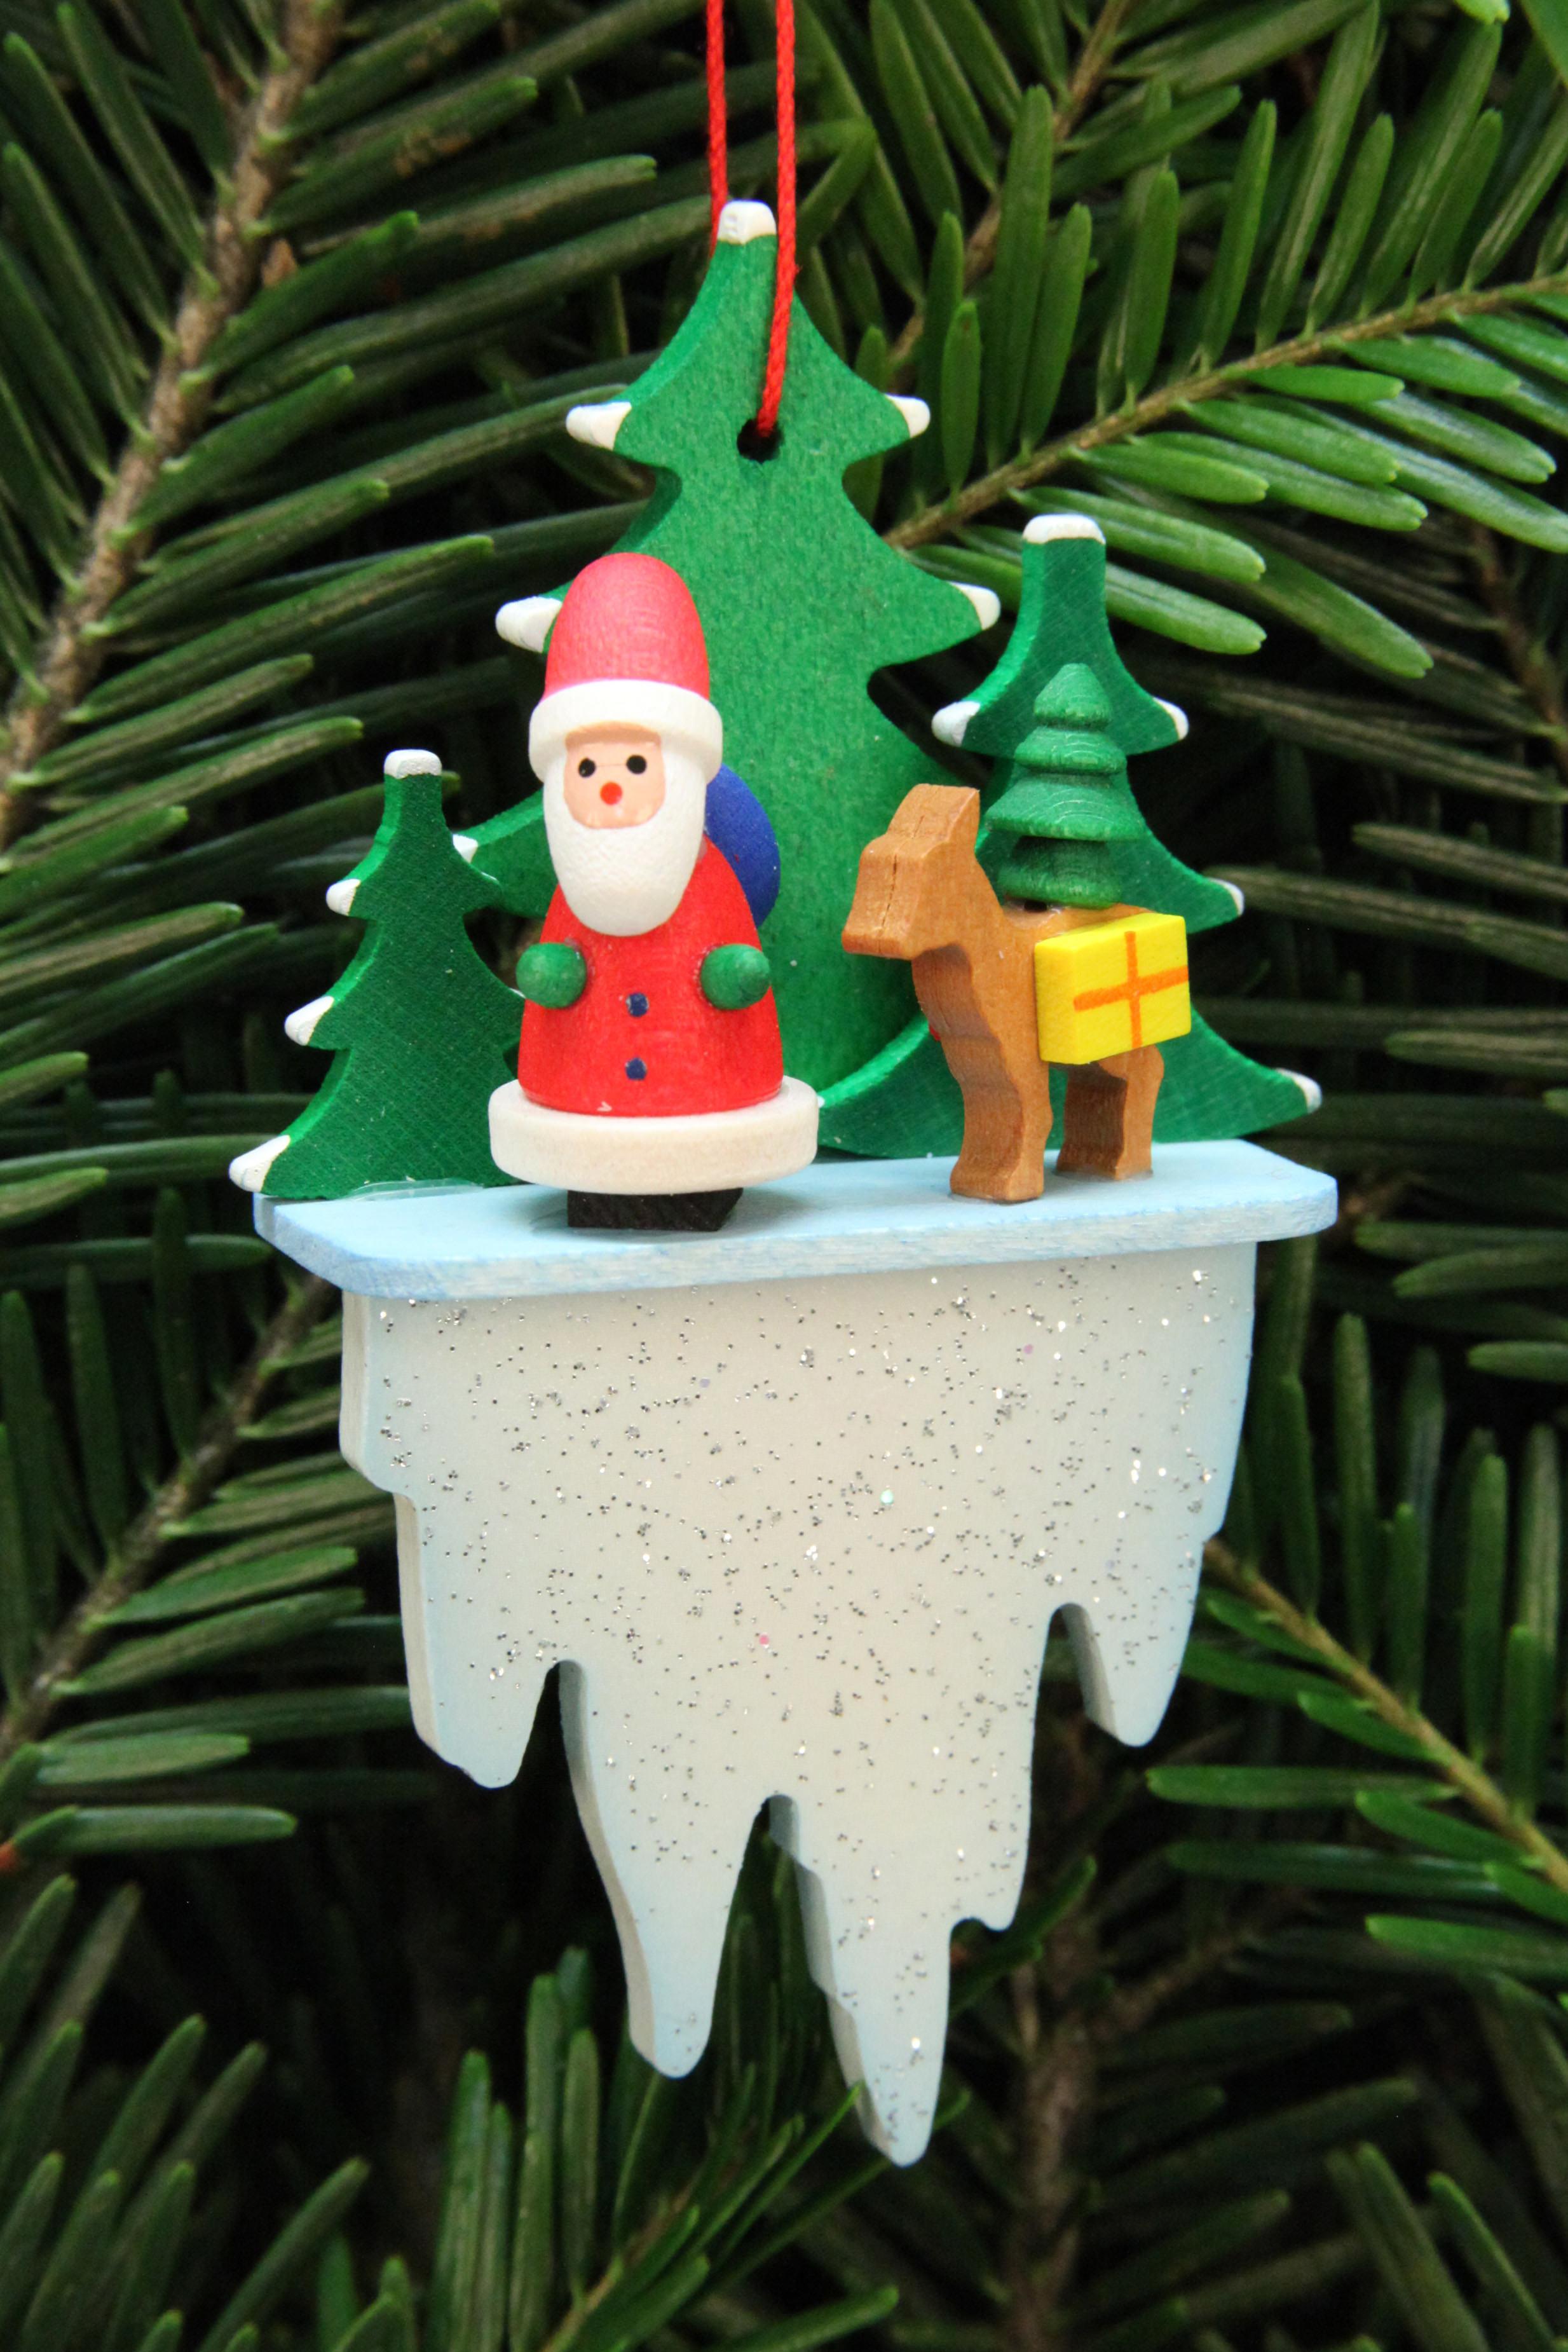 Baumbehang Weihnachtsmann mit Bambi auf Eiszapfen